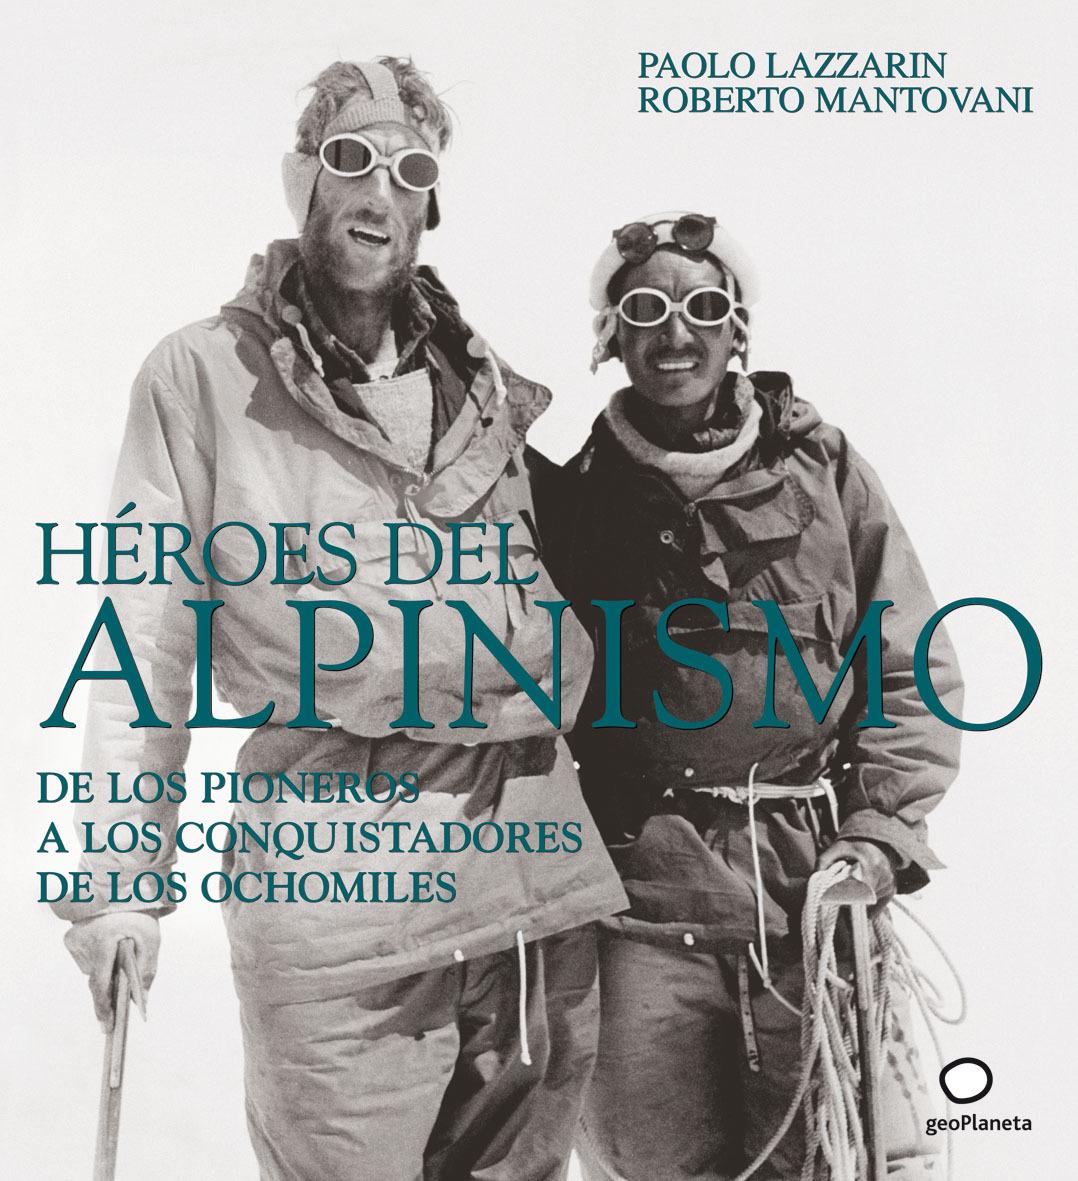 HÉROES DEL ALPINISMO